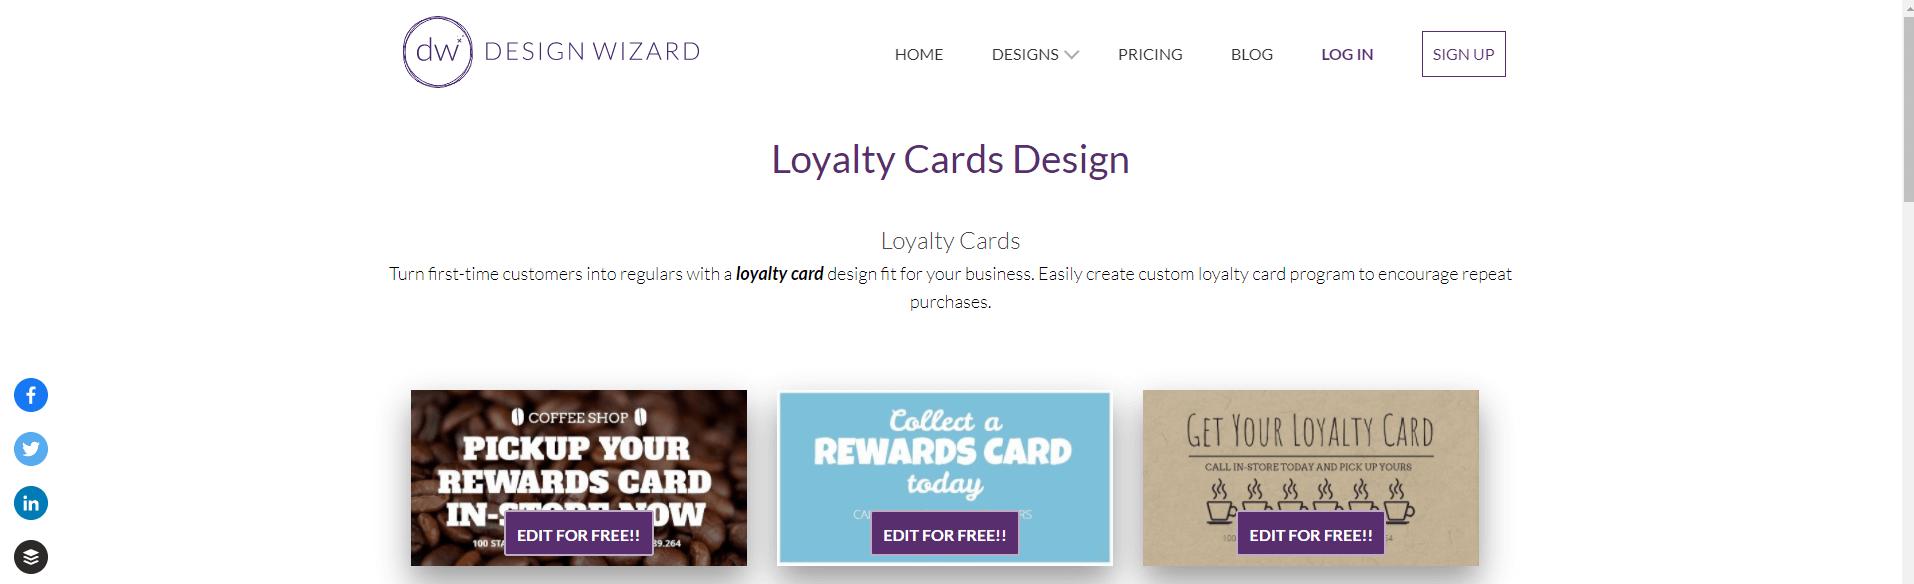 Editor imágenes Design Wizard